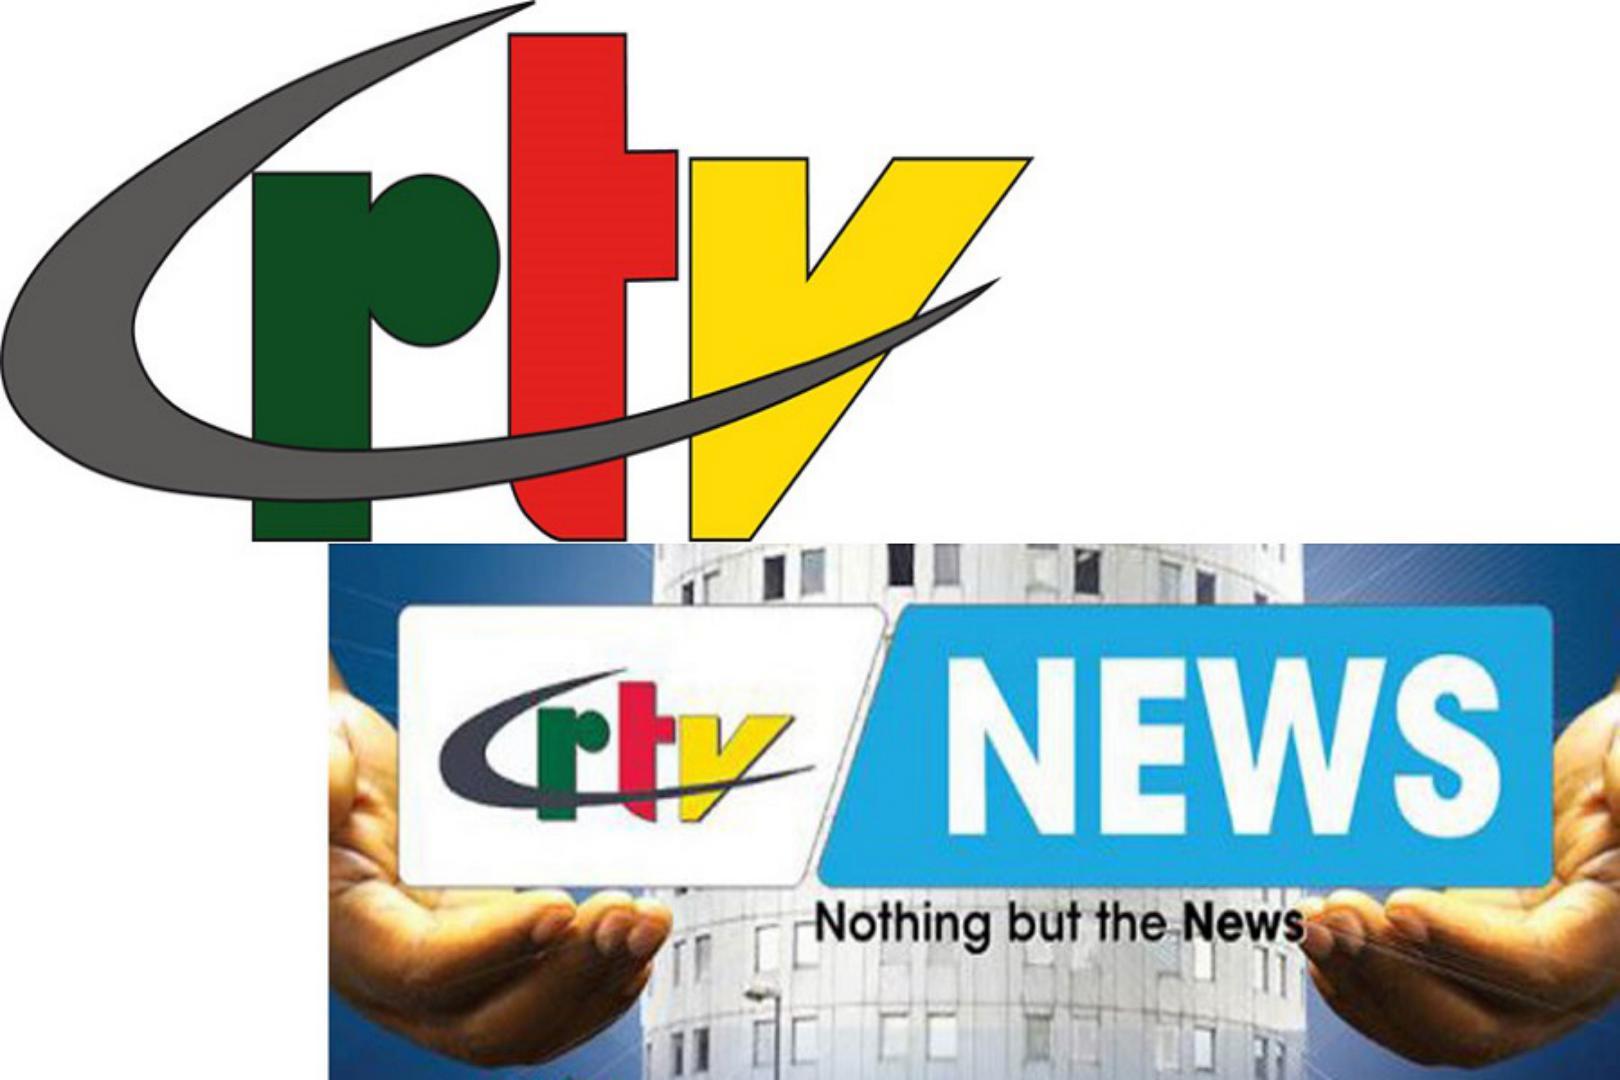 La CRTV prend des mesures drastiques pour limiter la propagation du coronavirus